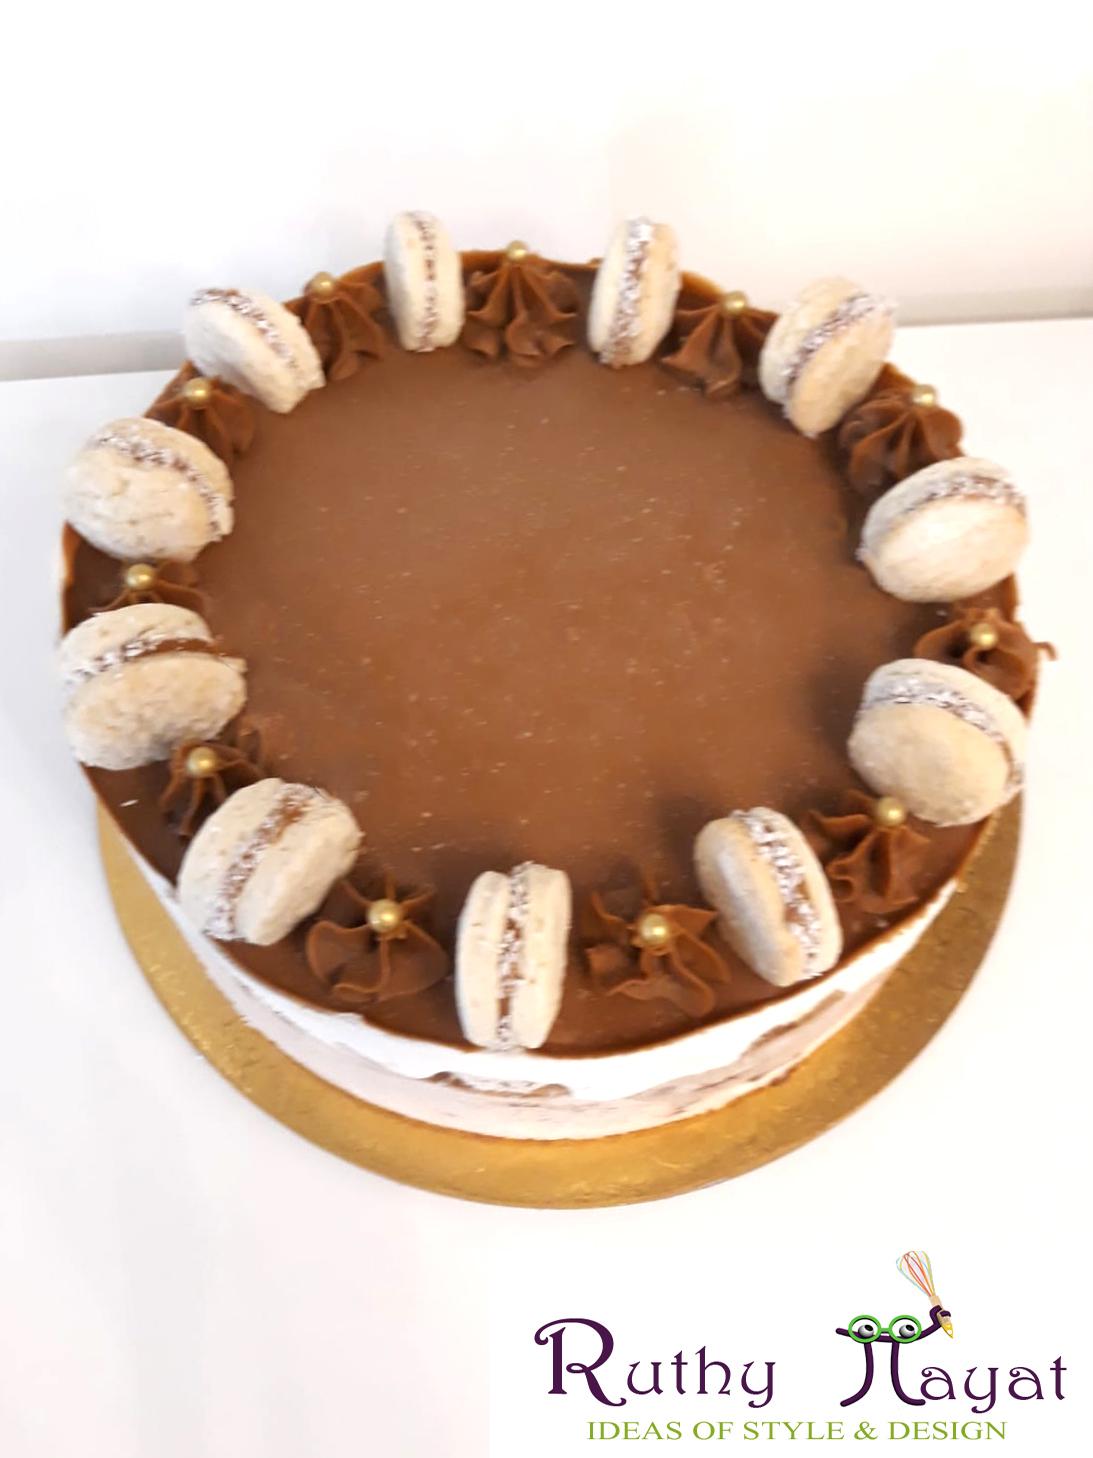 Untitled 5 - עוגת מוס אלפחורס פרווה